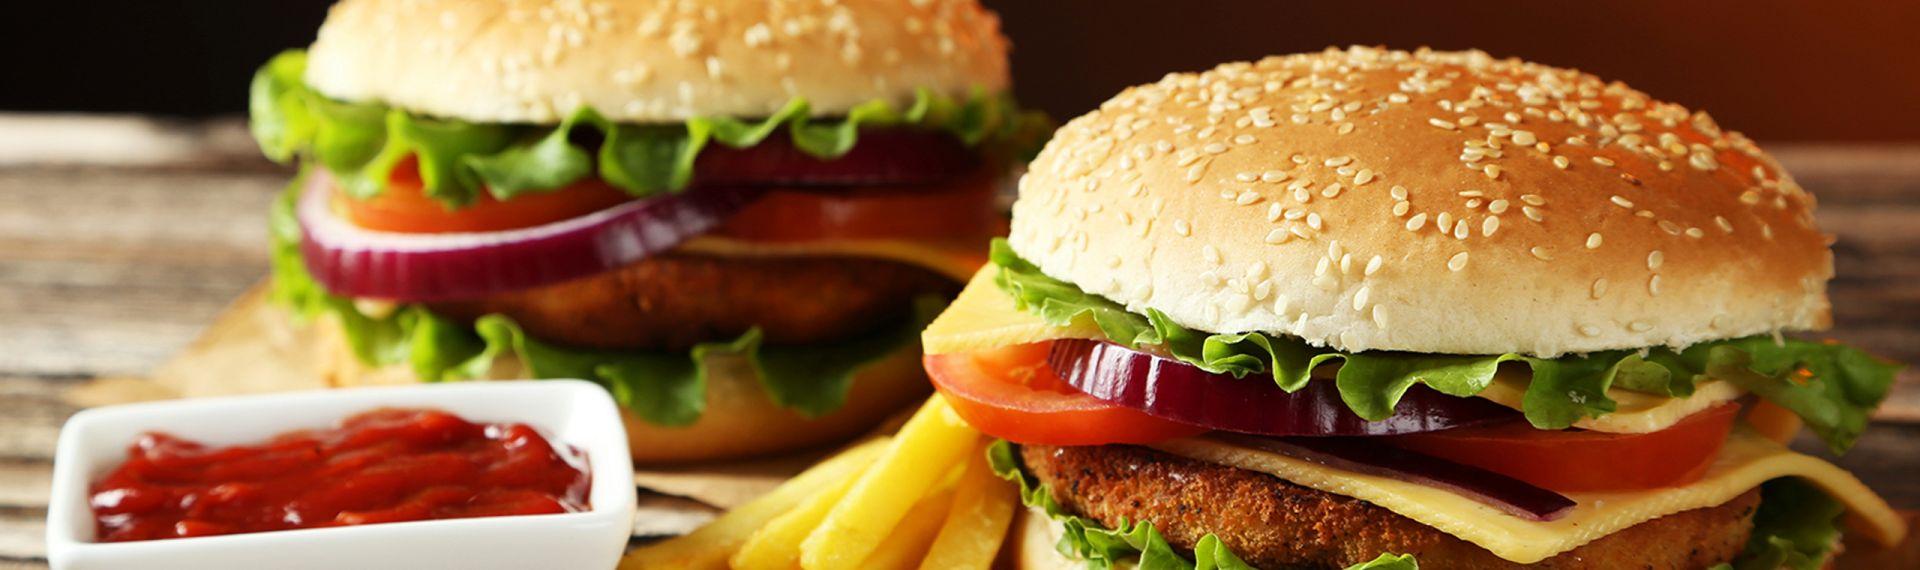 Класичний бургер: особливості приготування